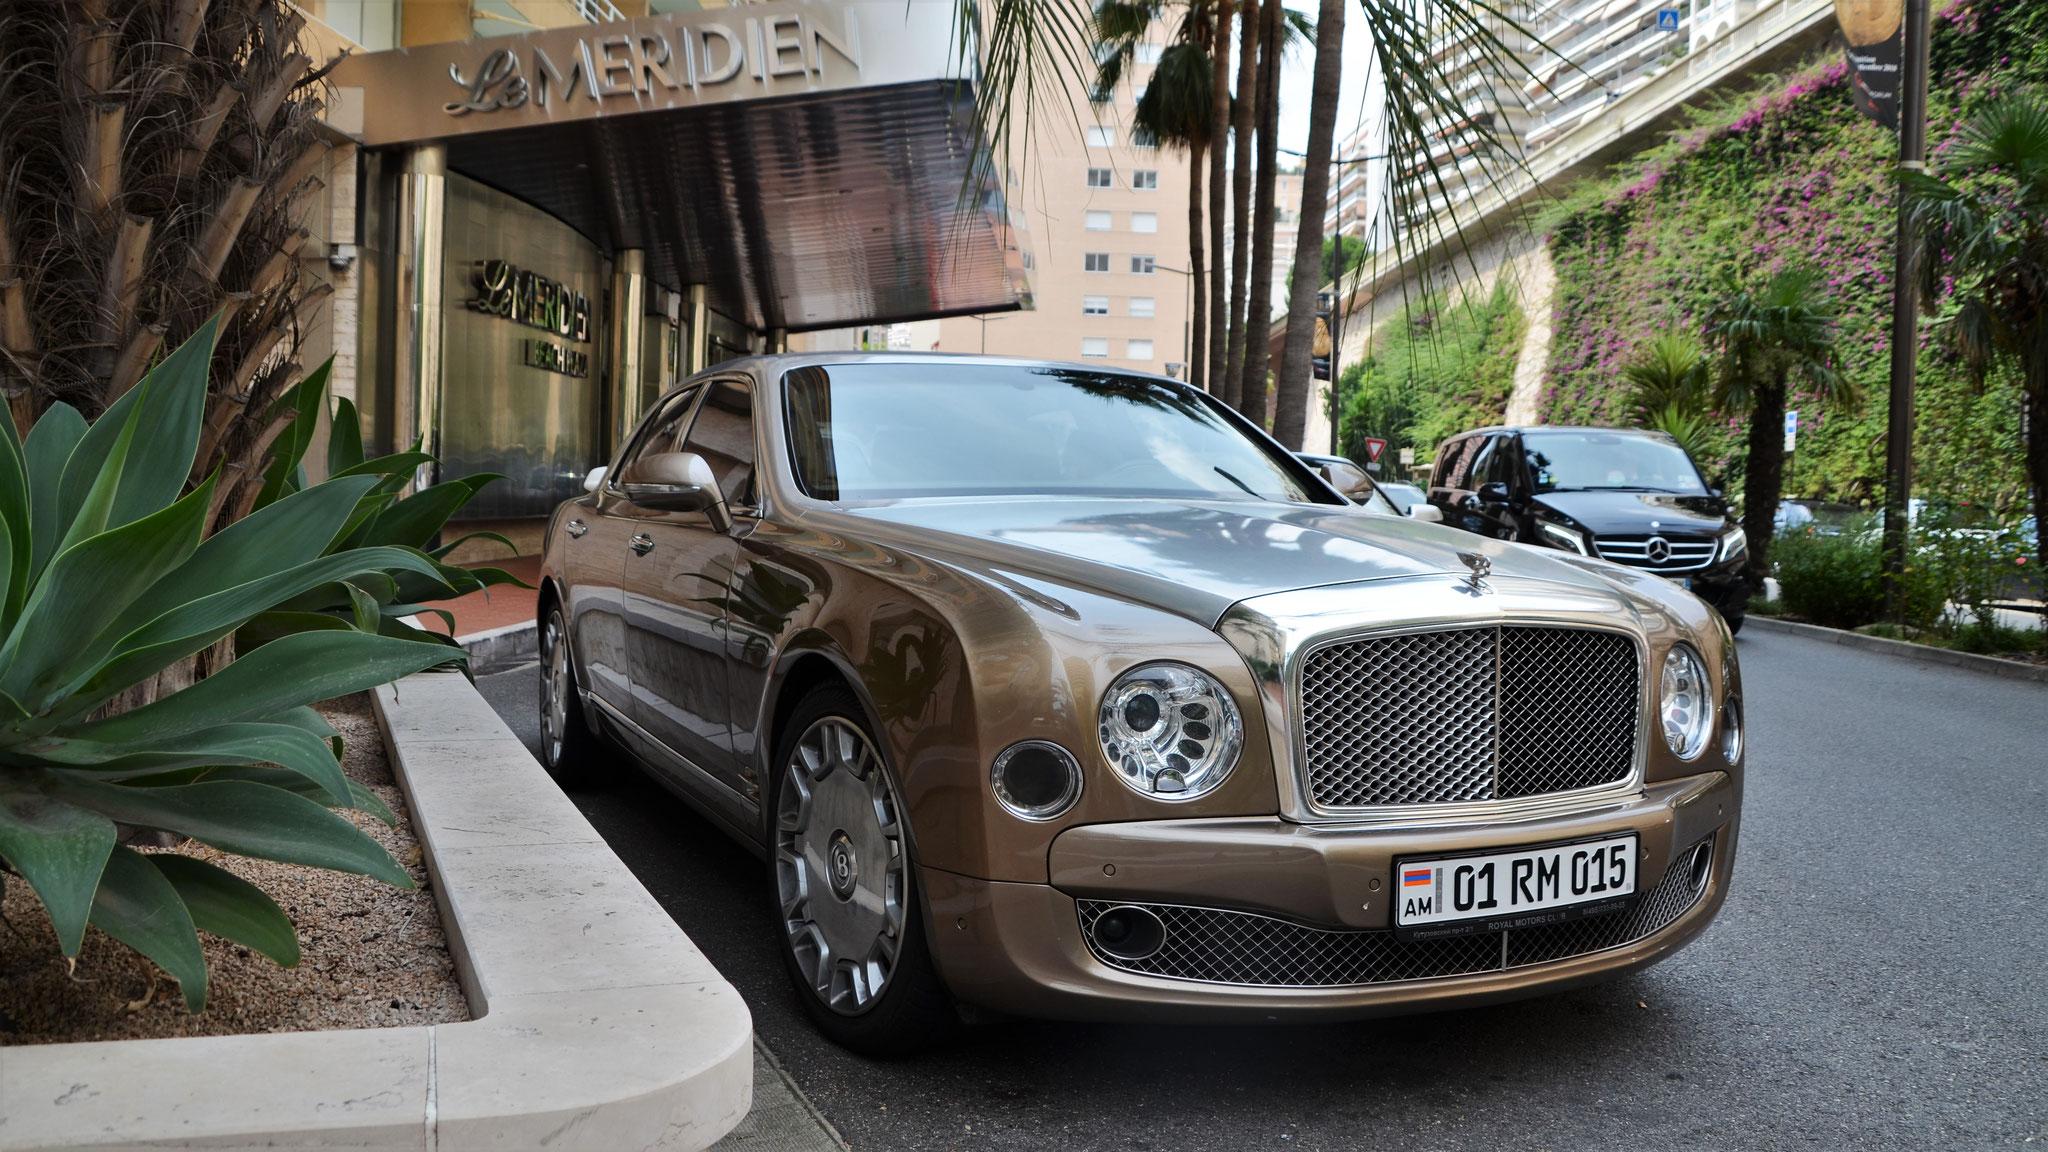 Bentley Mulsanne - 01-RM-015 (AM)